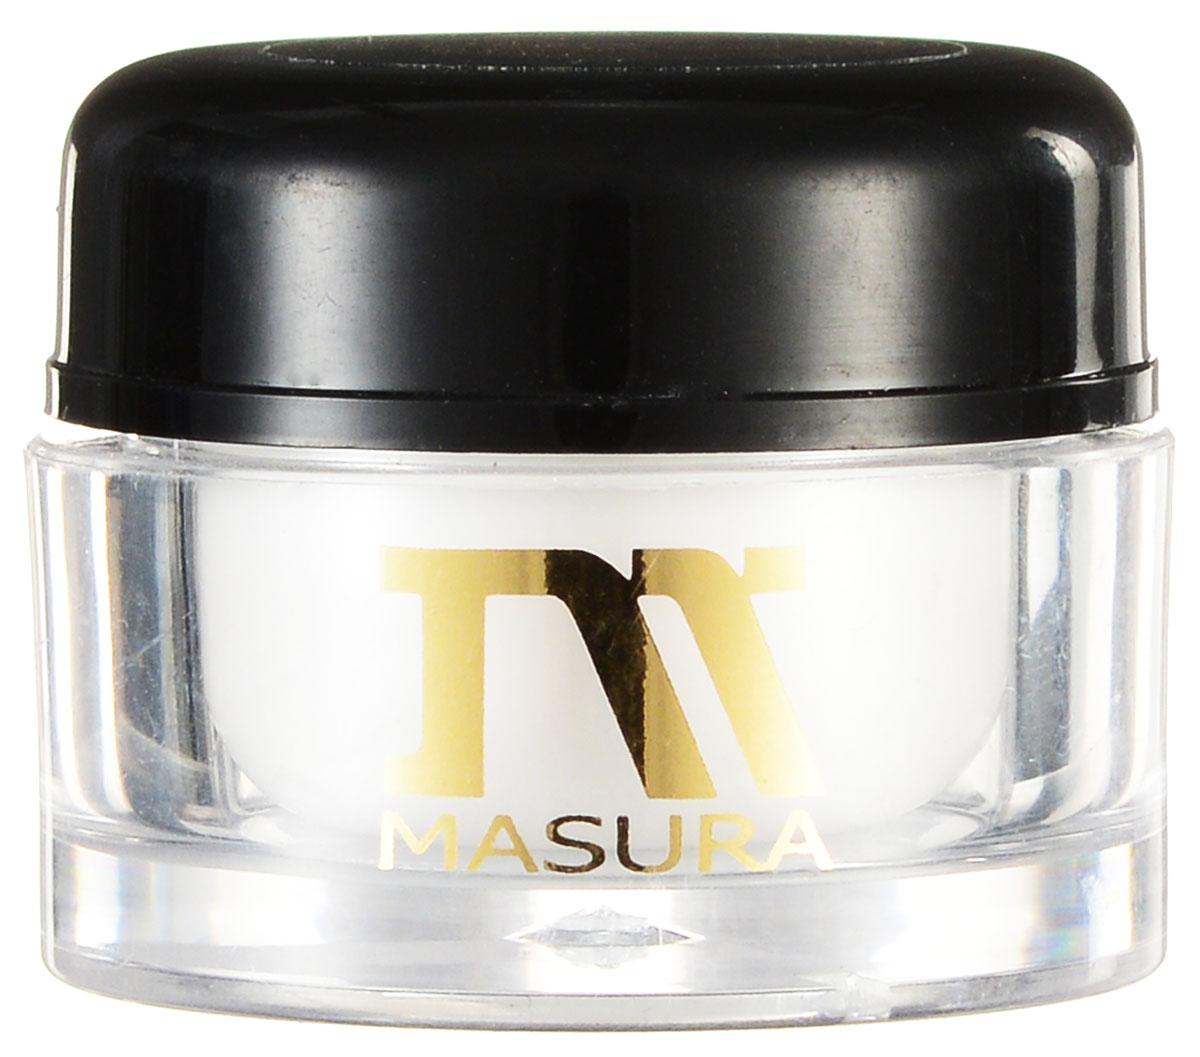 Masura Полировочная пудра Hon, для натуральных ногтей, 5 г803Натуральная пудра Masura Hon содержит натуральный пчелиный воск, что создает дополнительный устойчивый блеск на натуральной ногтевой пластине. Входит в состав набора для японского маникюра Masura и набора для японского педикюра Masura. Товар сертифицирован.